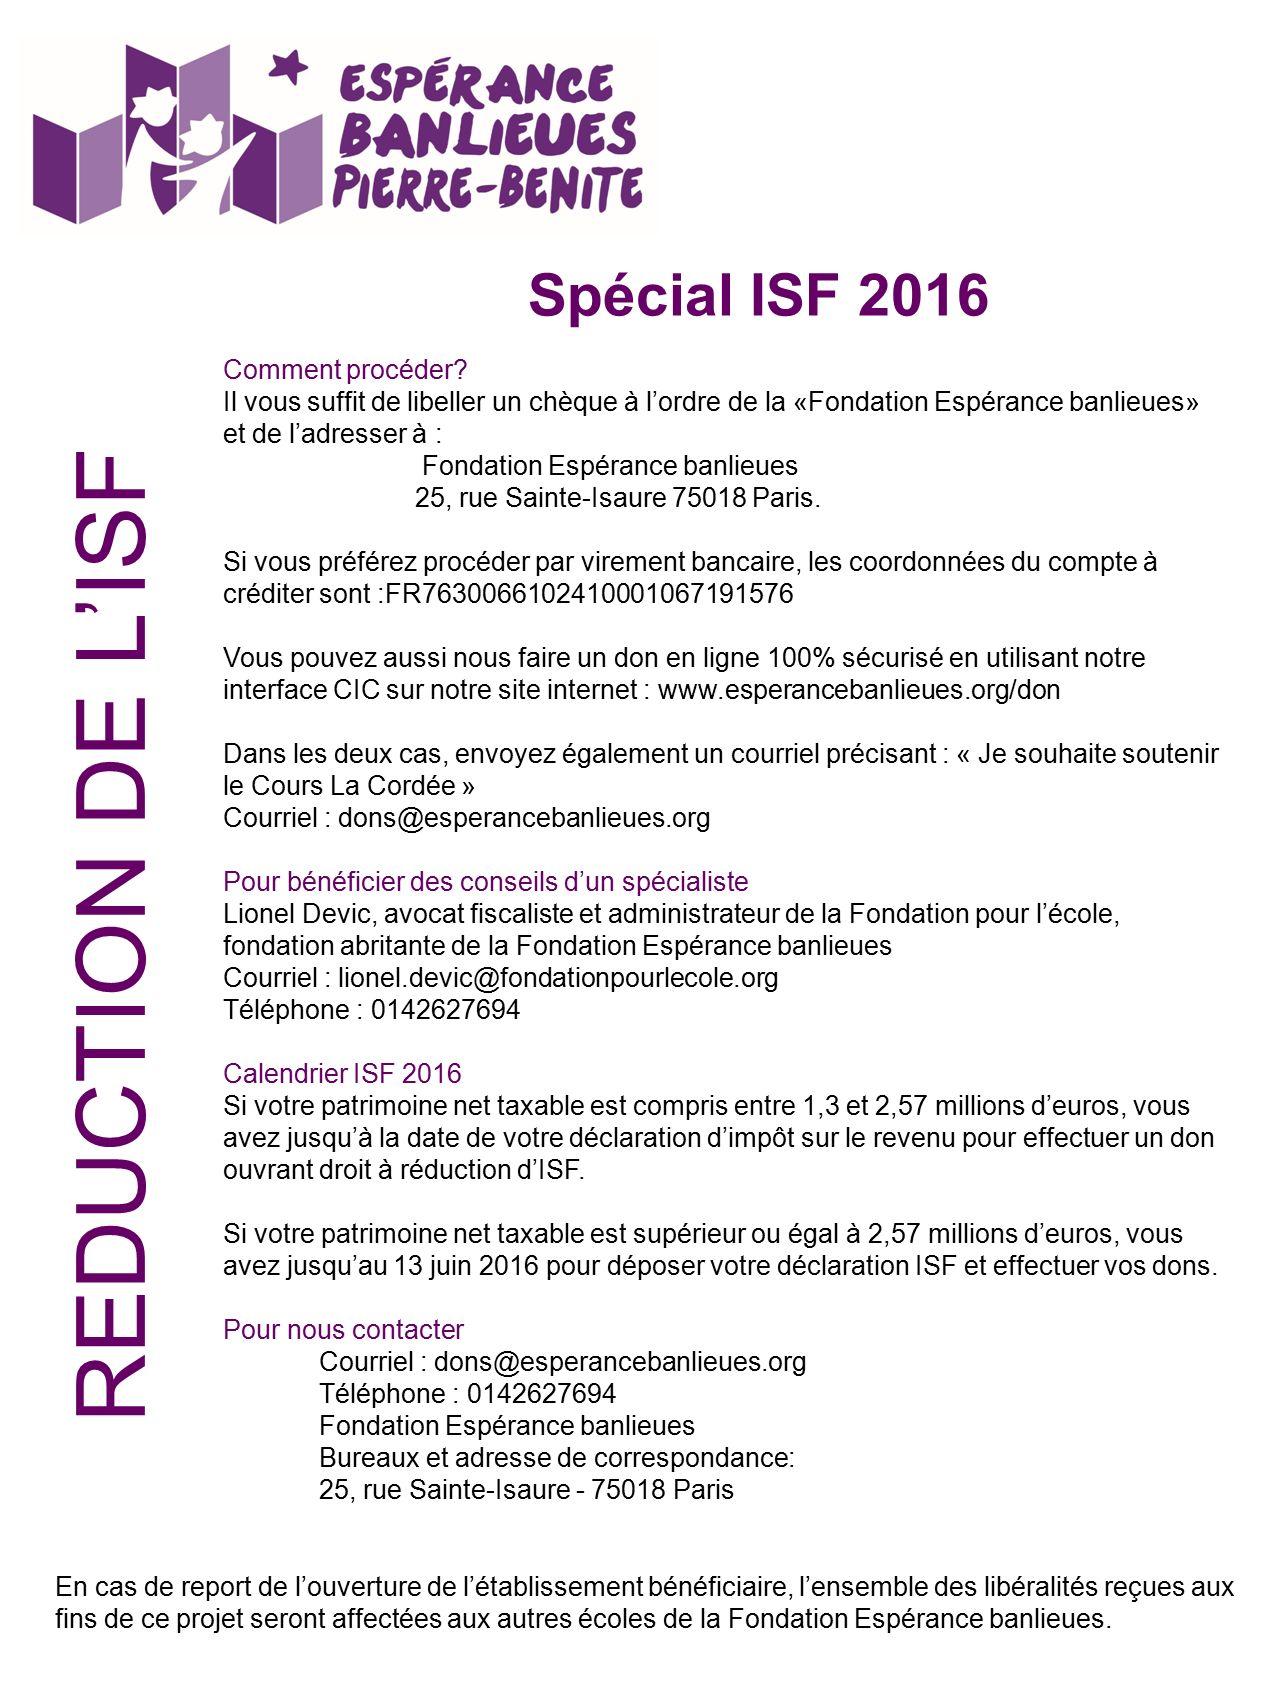 Bulletin De Soutien Special Isf 2016 Pour Soutenir L Action De L